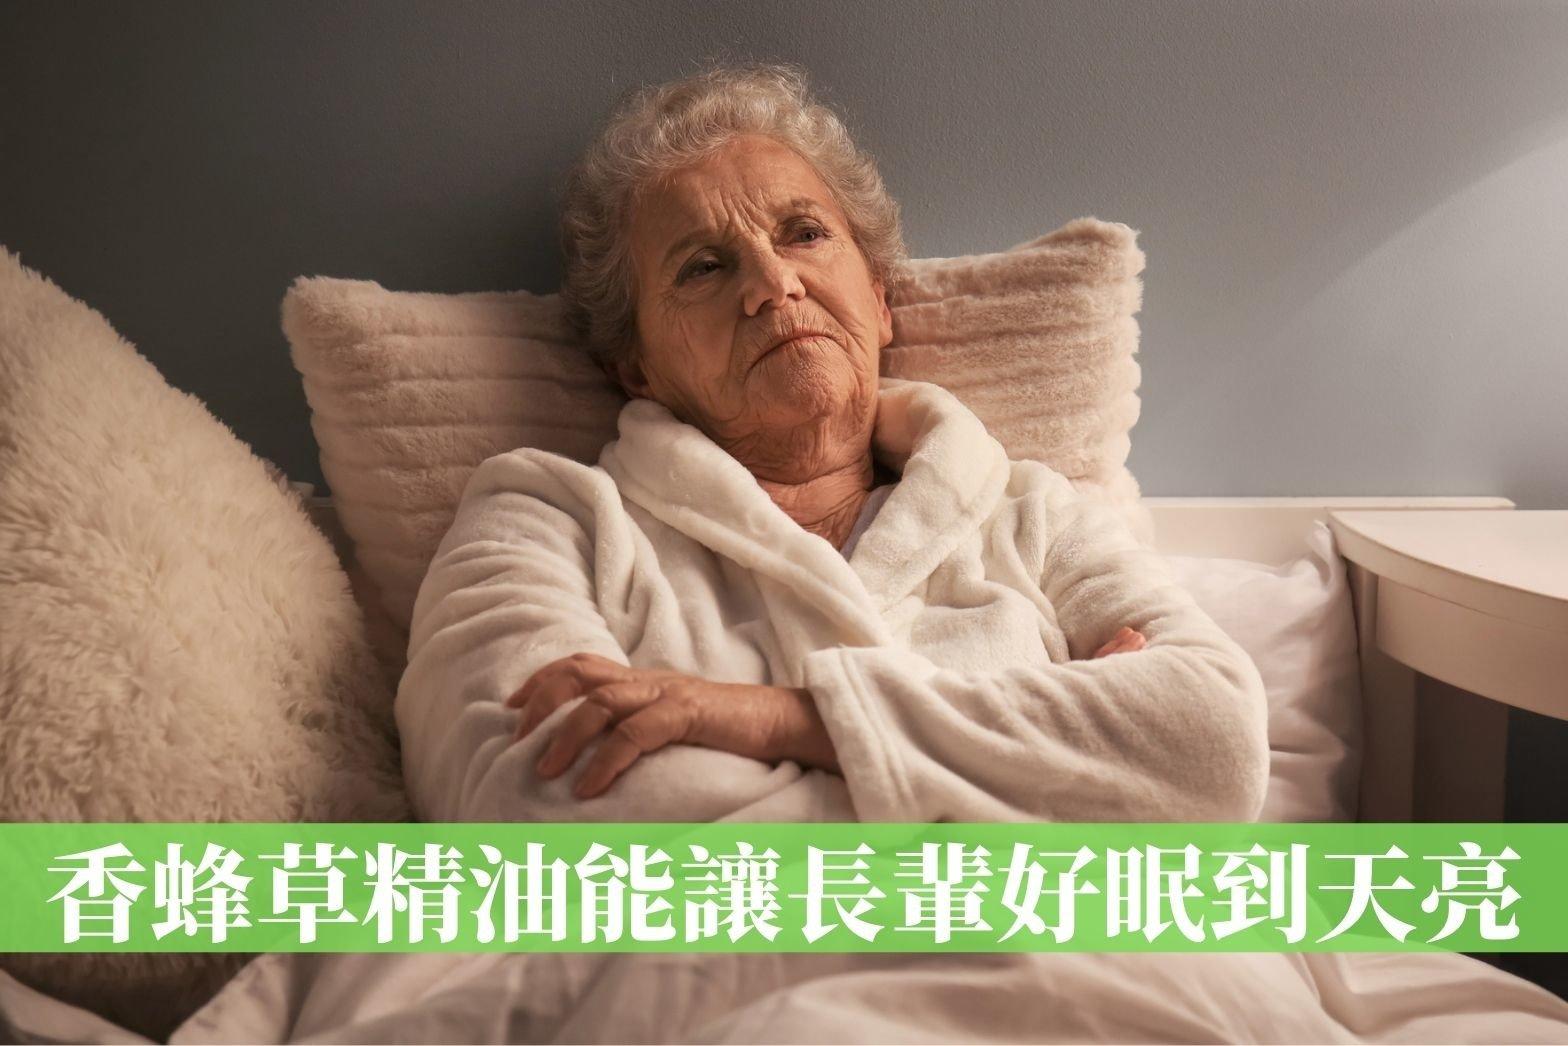 老人失眠怎麼辦?研究發現香蜂草精油是讓長輩好眠到天亮的安全新選擇!